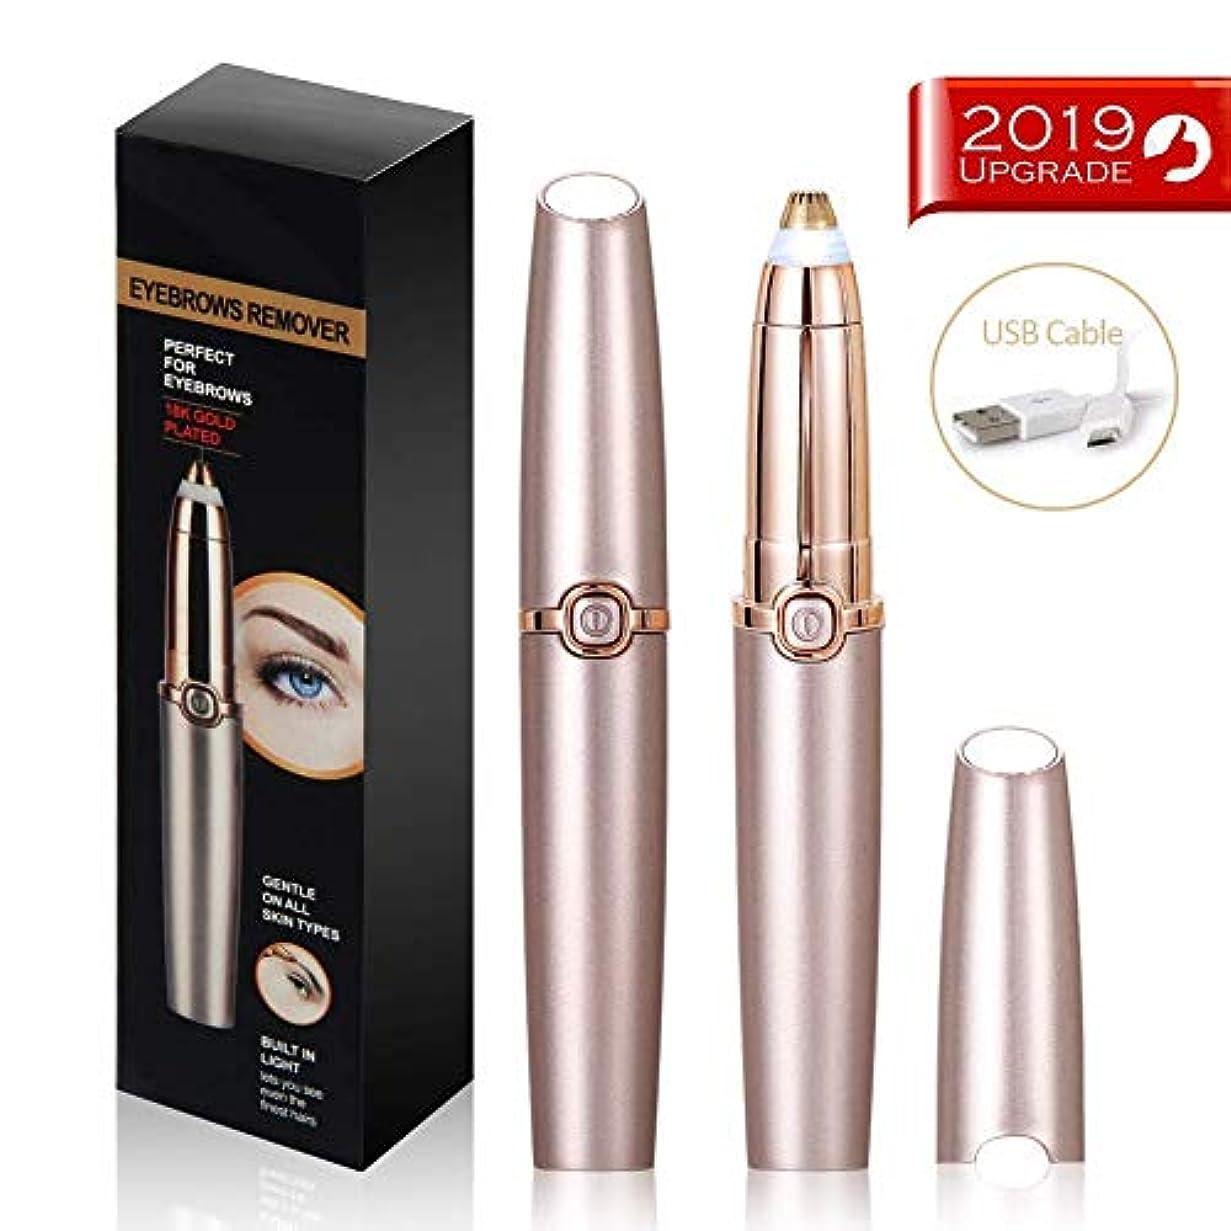 コントローラ謎めいた進化する眉毛脱毛器ペン、女性用の完璧な精密電動眉毛トリマー、ビルトインLEDライト、USB充電式、クリーニングブラシ